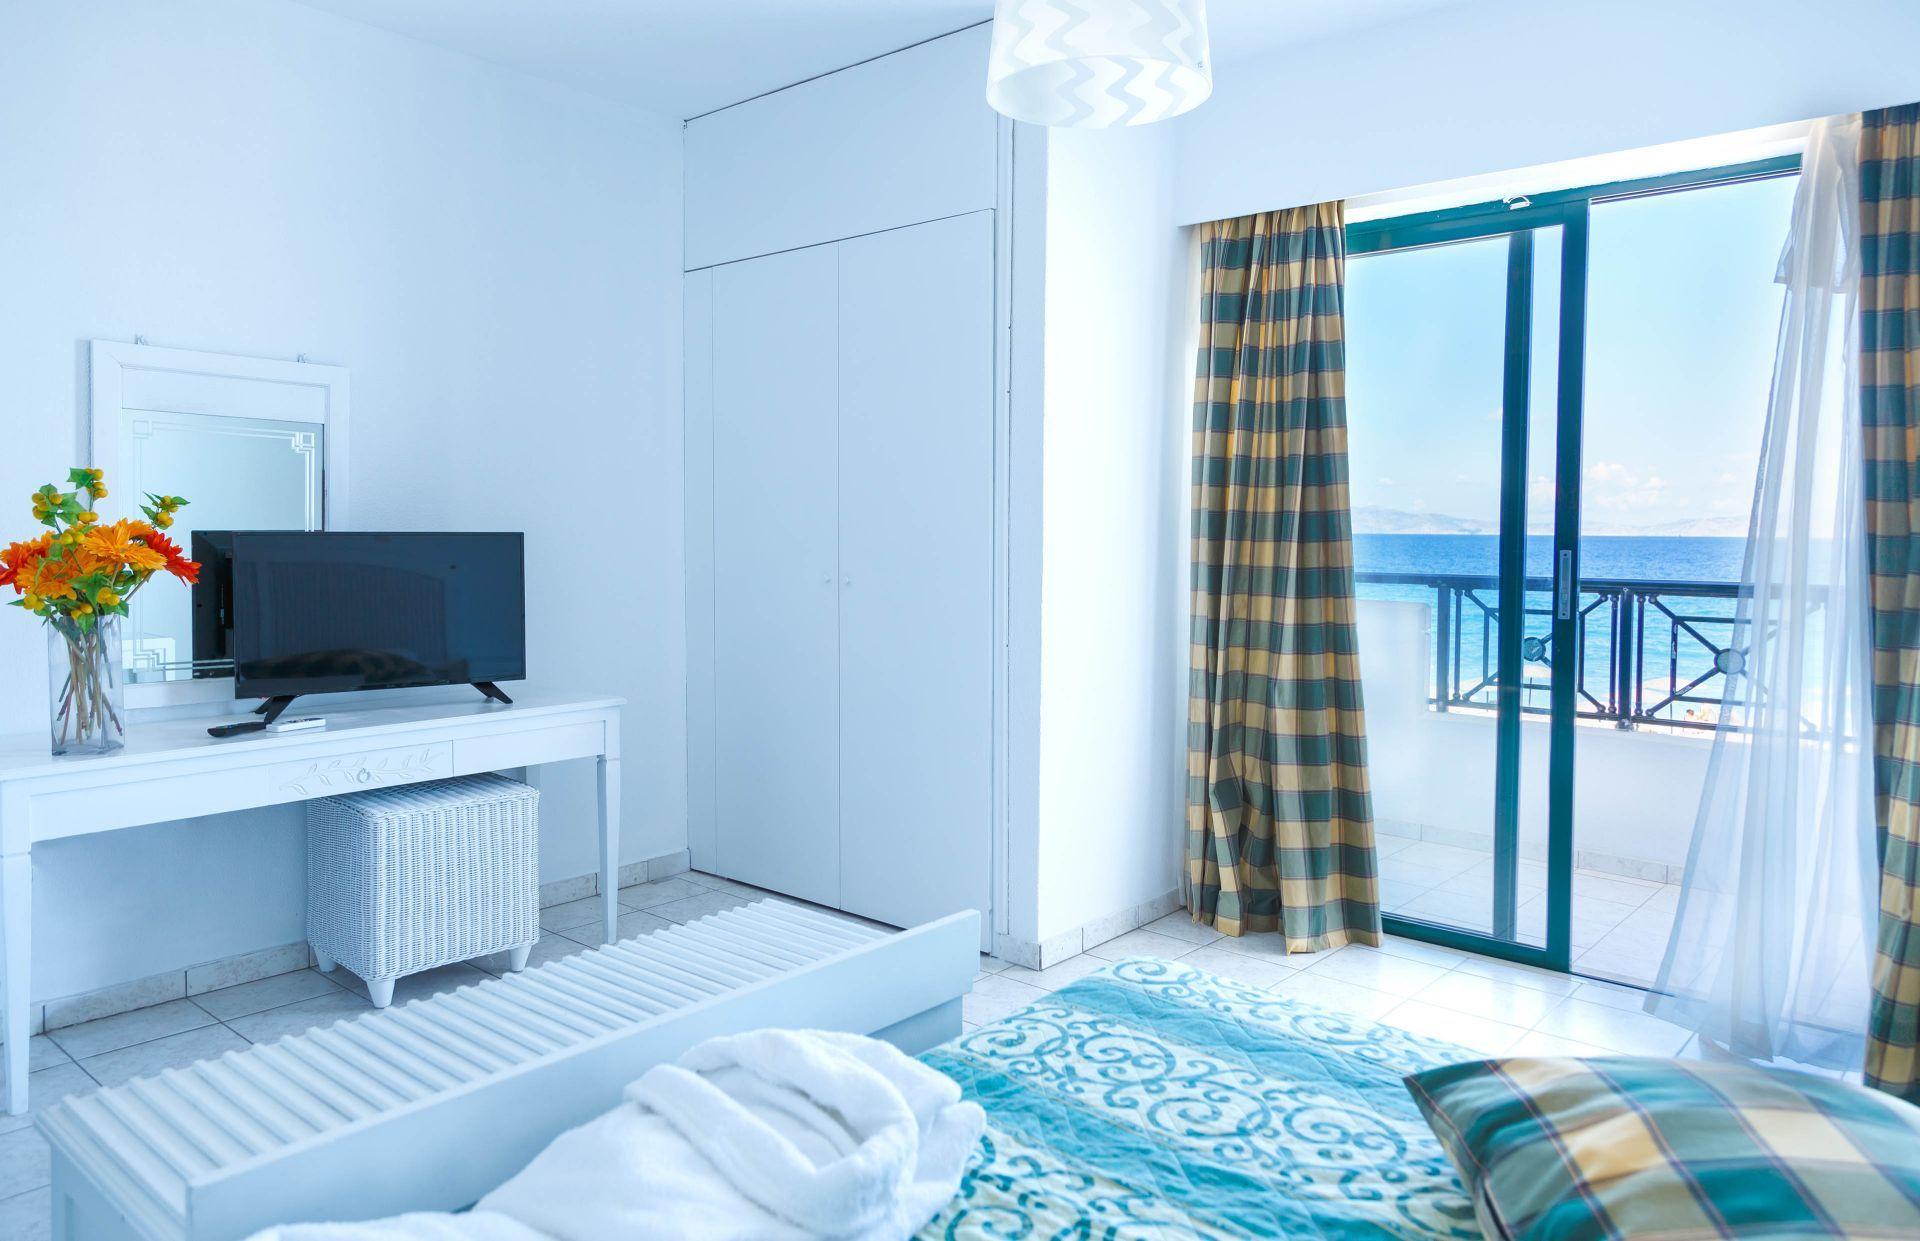 Room rentals in Greece